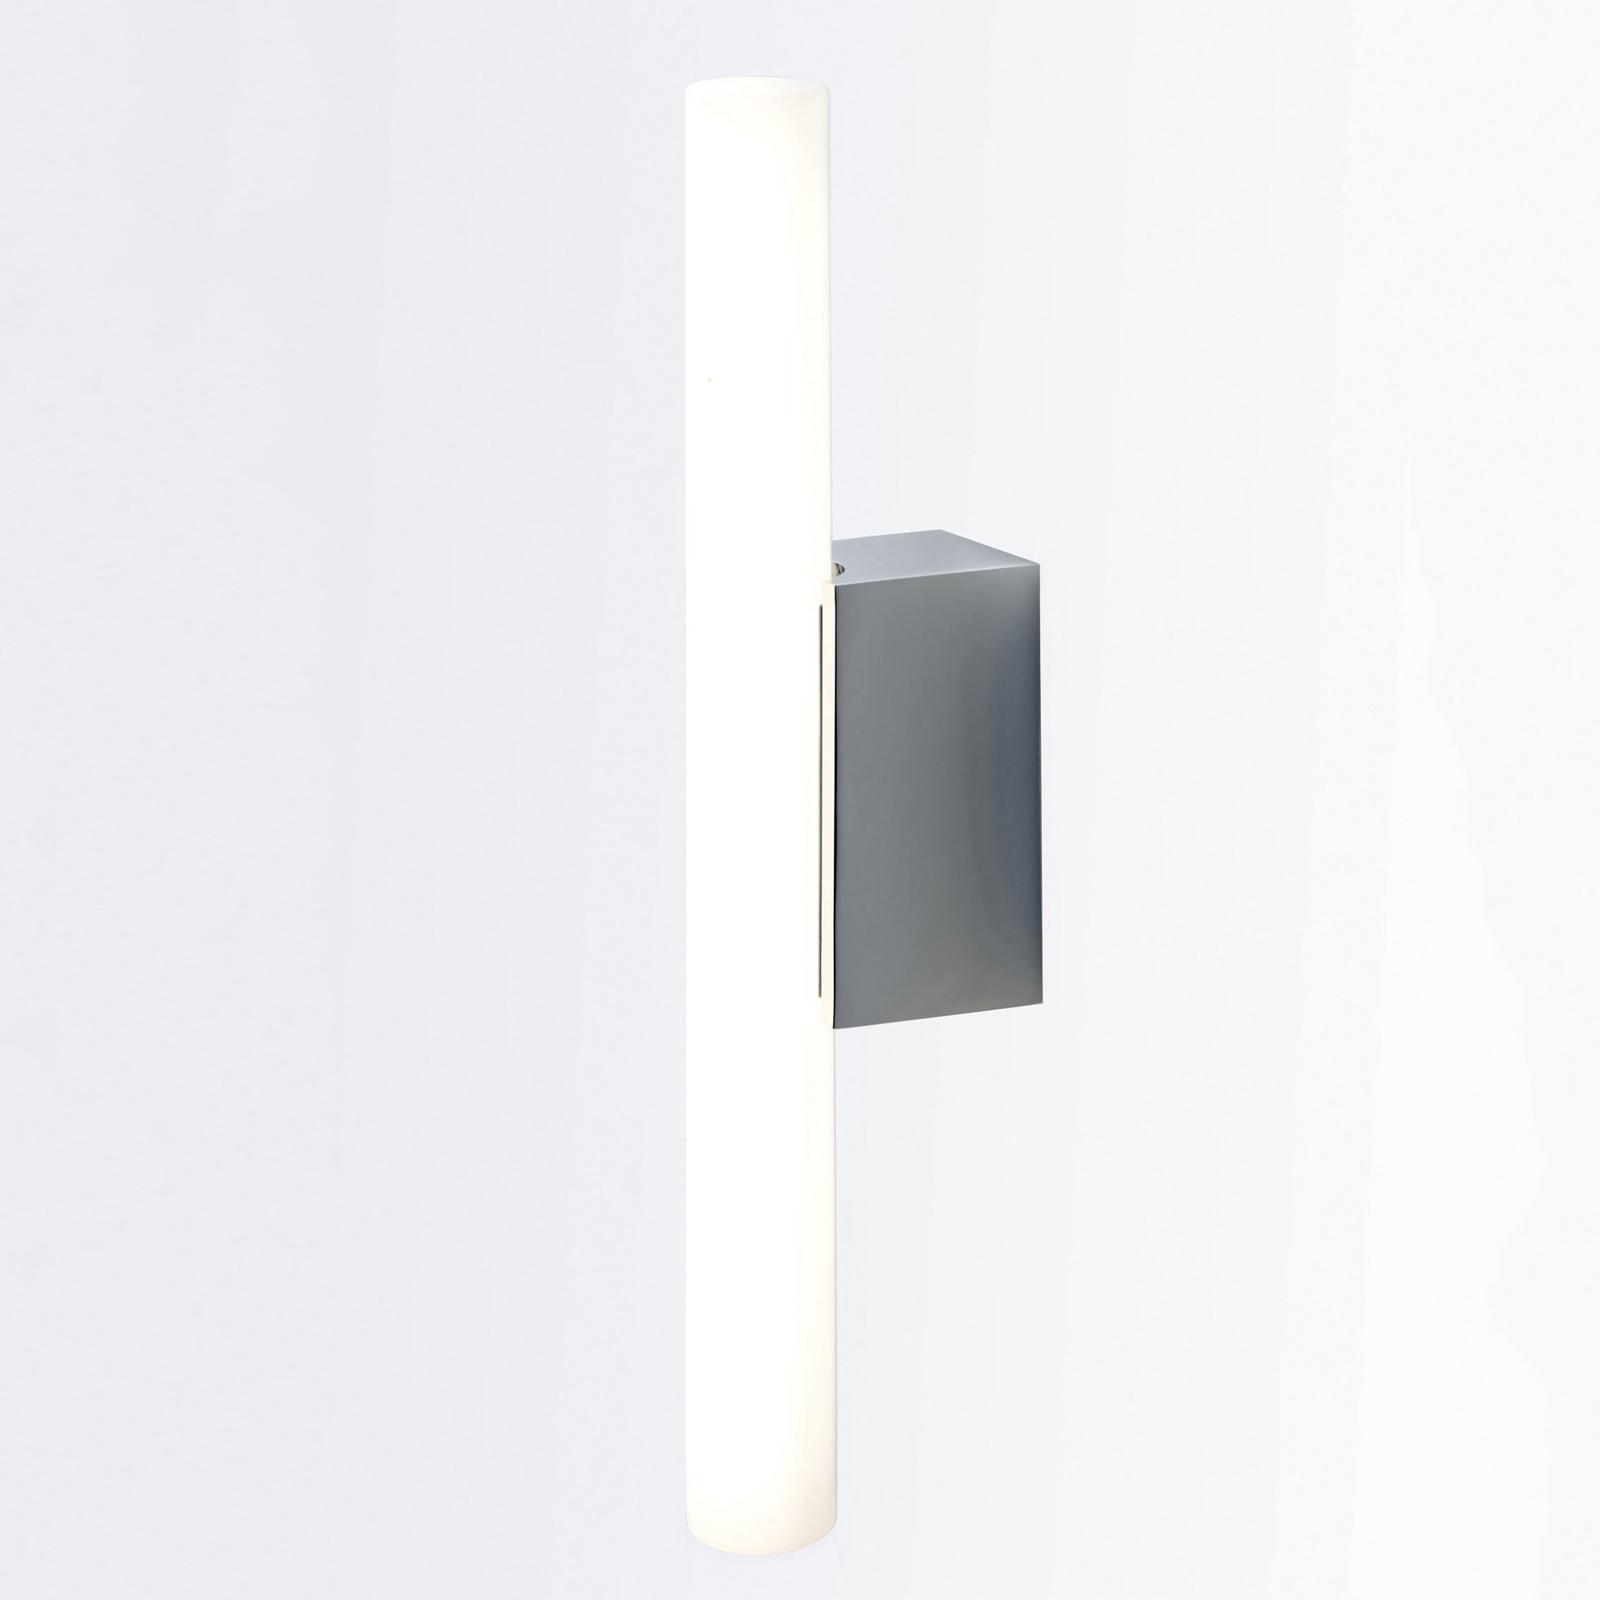 Decor Walther Omega 2 væglampe, nikkel